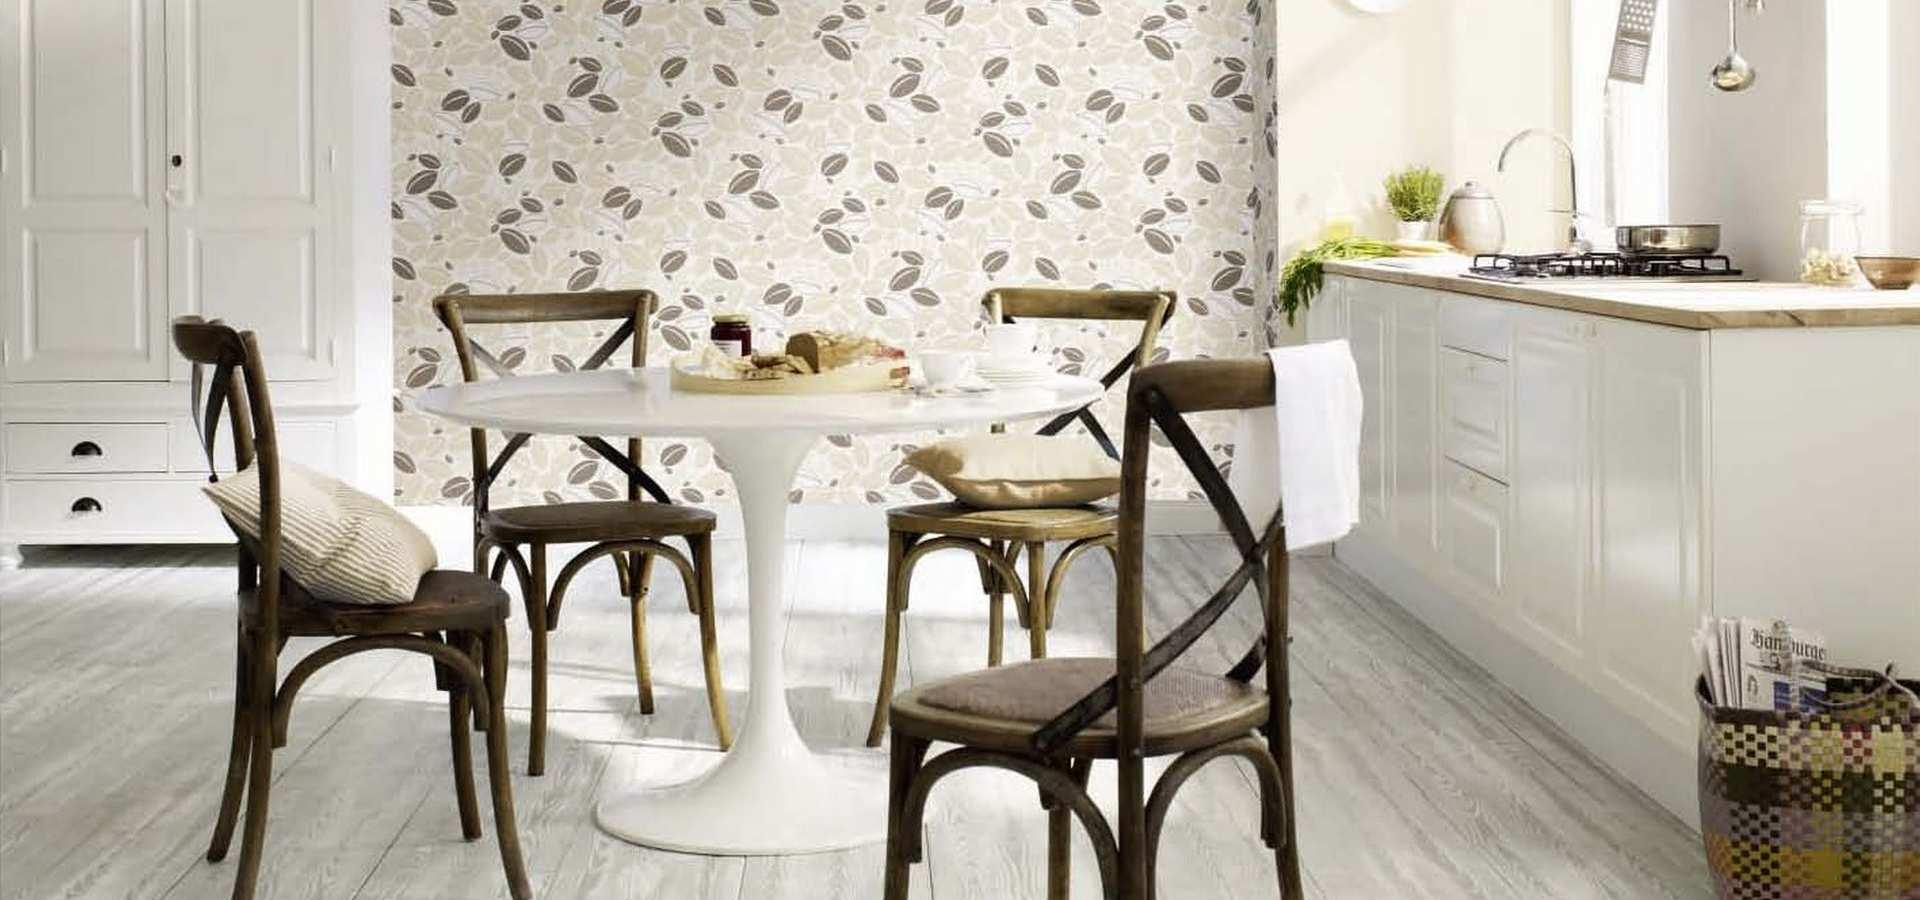 Bild Küche mit Tapete Kaffeebohne beige